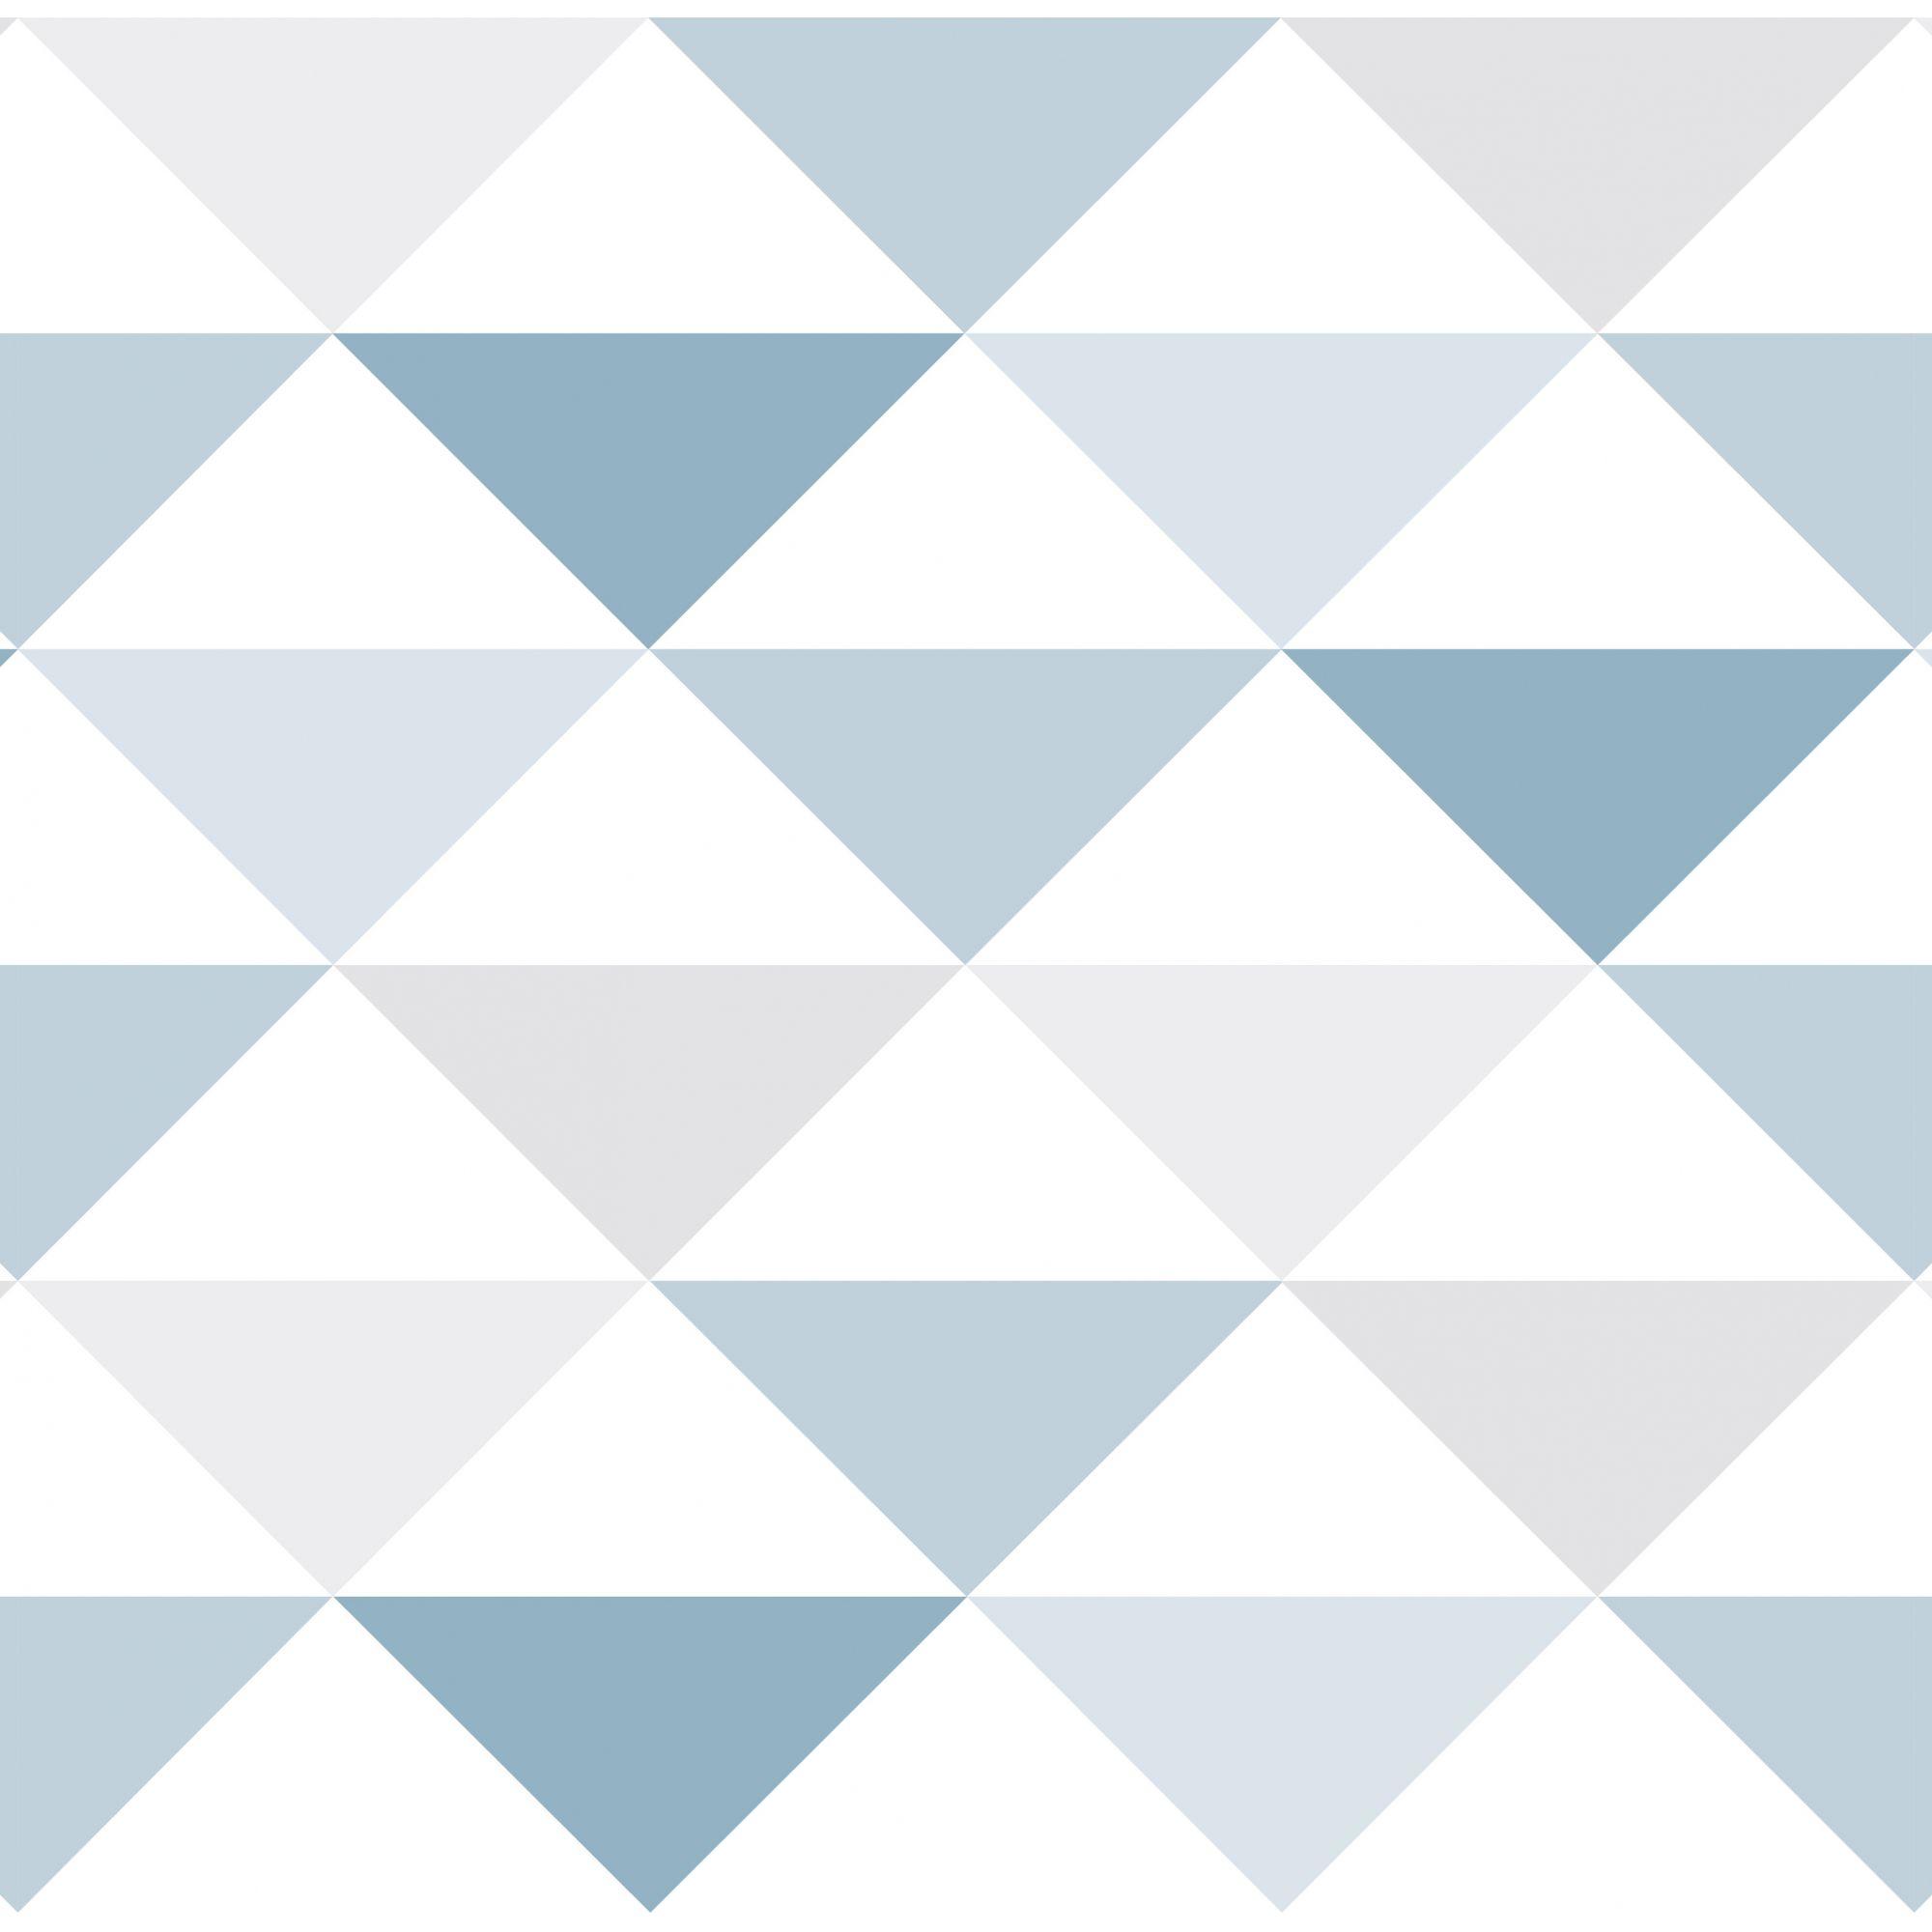 Papel de Parede Infantil Bobinex Vinílico Coleção Brincar Geométrico Triângulo Azul, Cinza, Branco